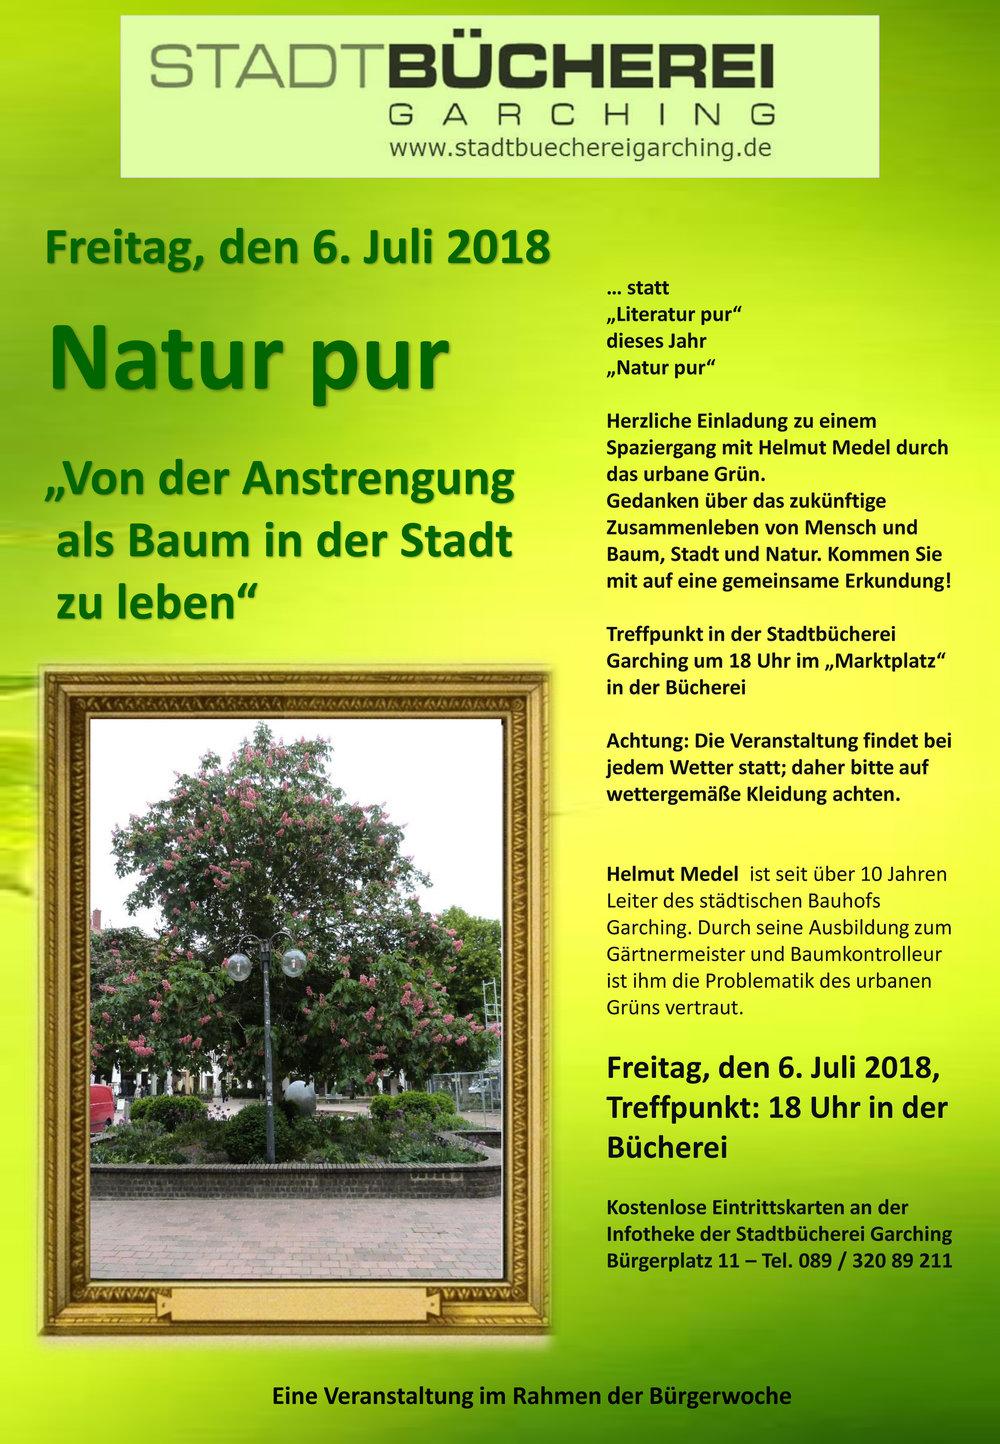 Natur pur 2018-1.jpg